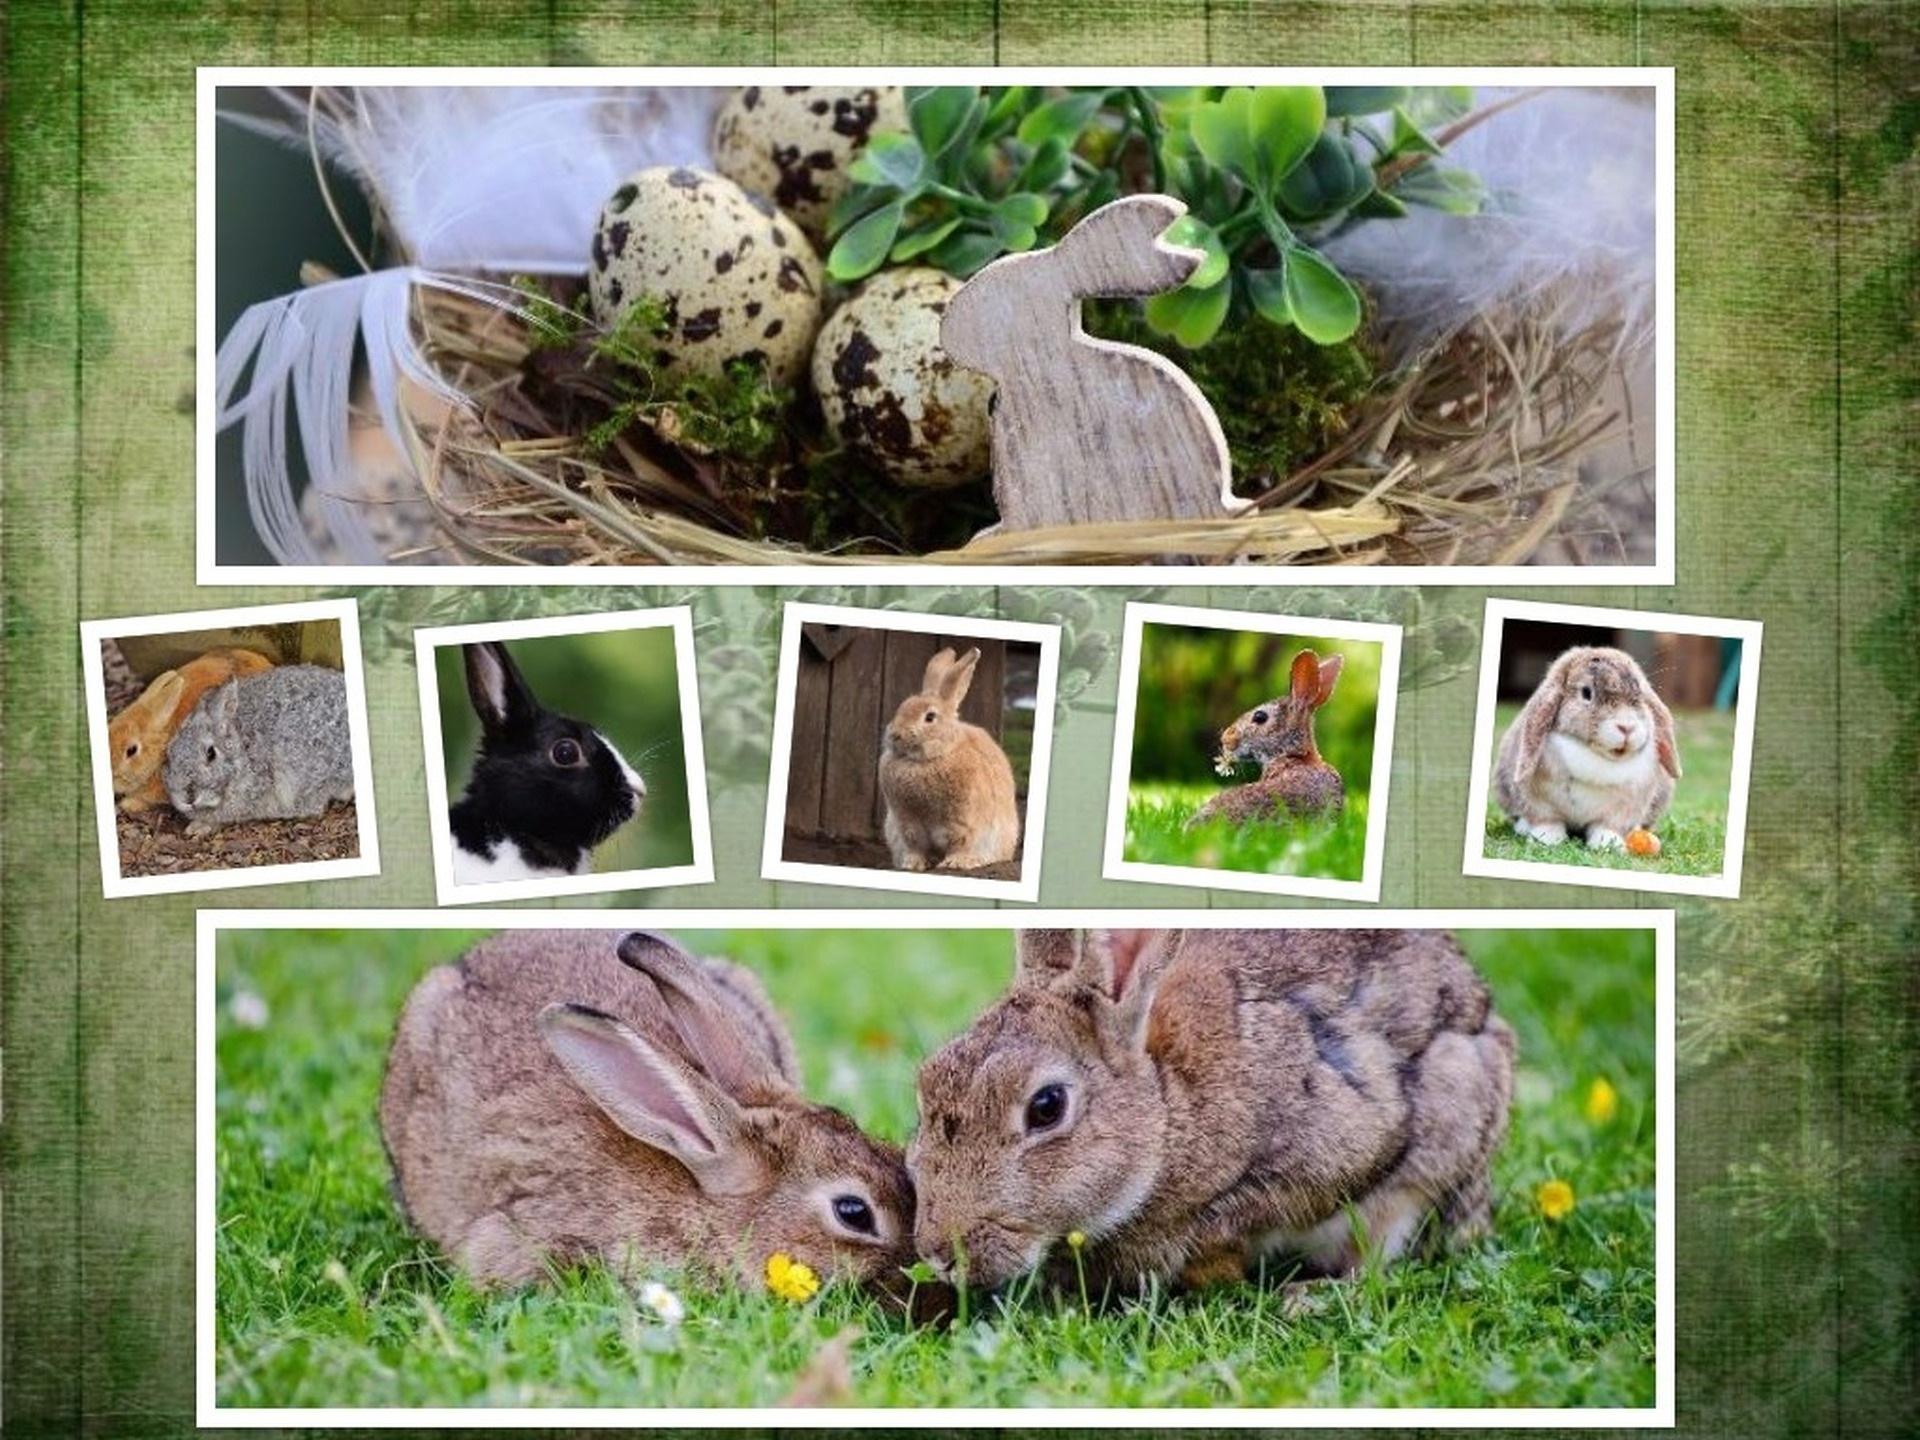 6600 Koleksi Gambar Hewan Dan Lingkungan Hidupnya HD Terbaru